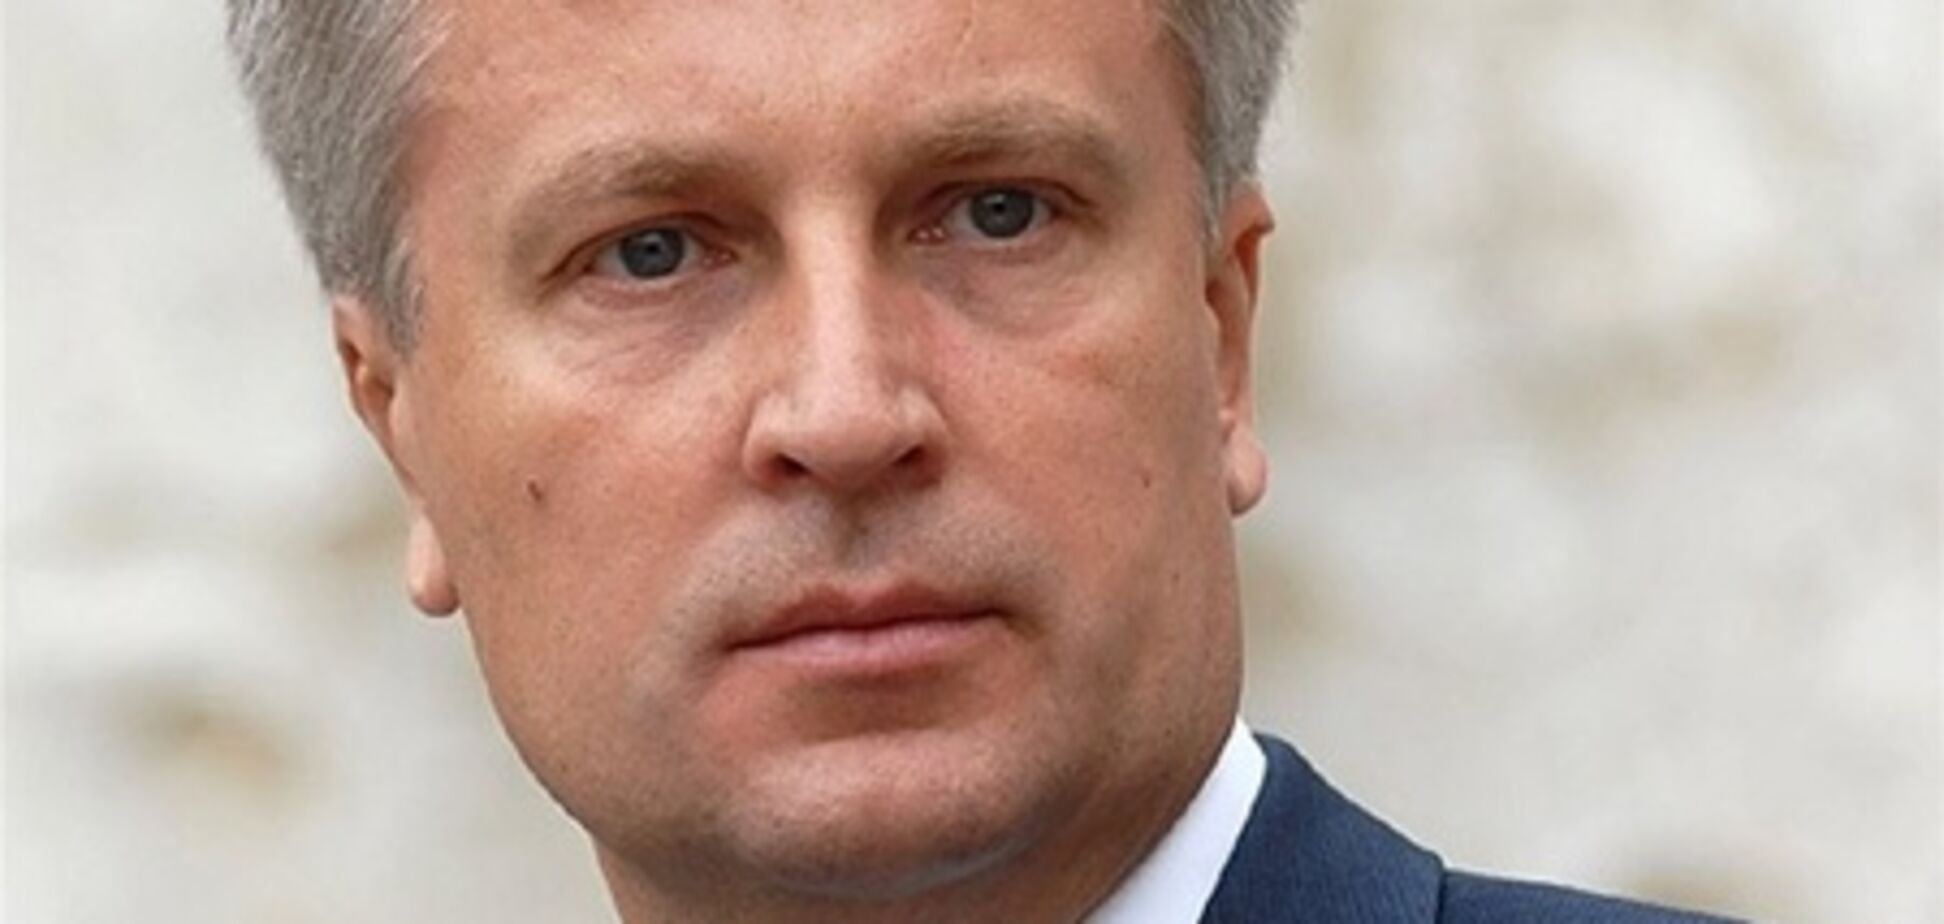 Людям, які приїдуть до Львова, треба провести екскурсію до 'Тюрми на Лонцького' - Наливайченко